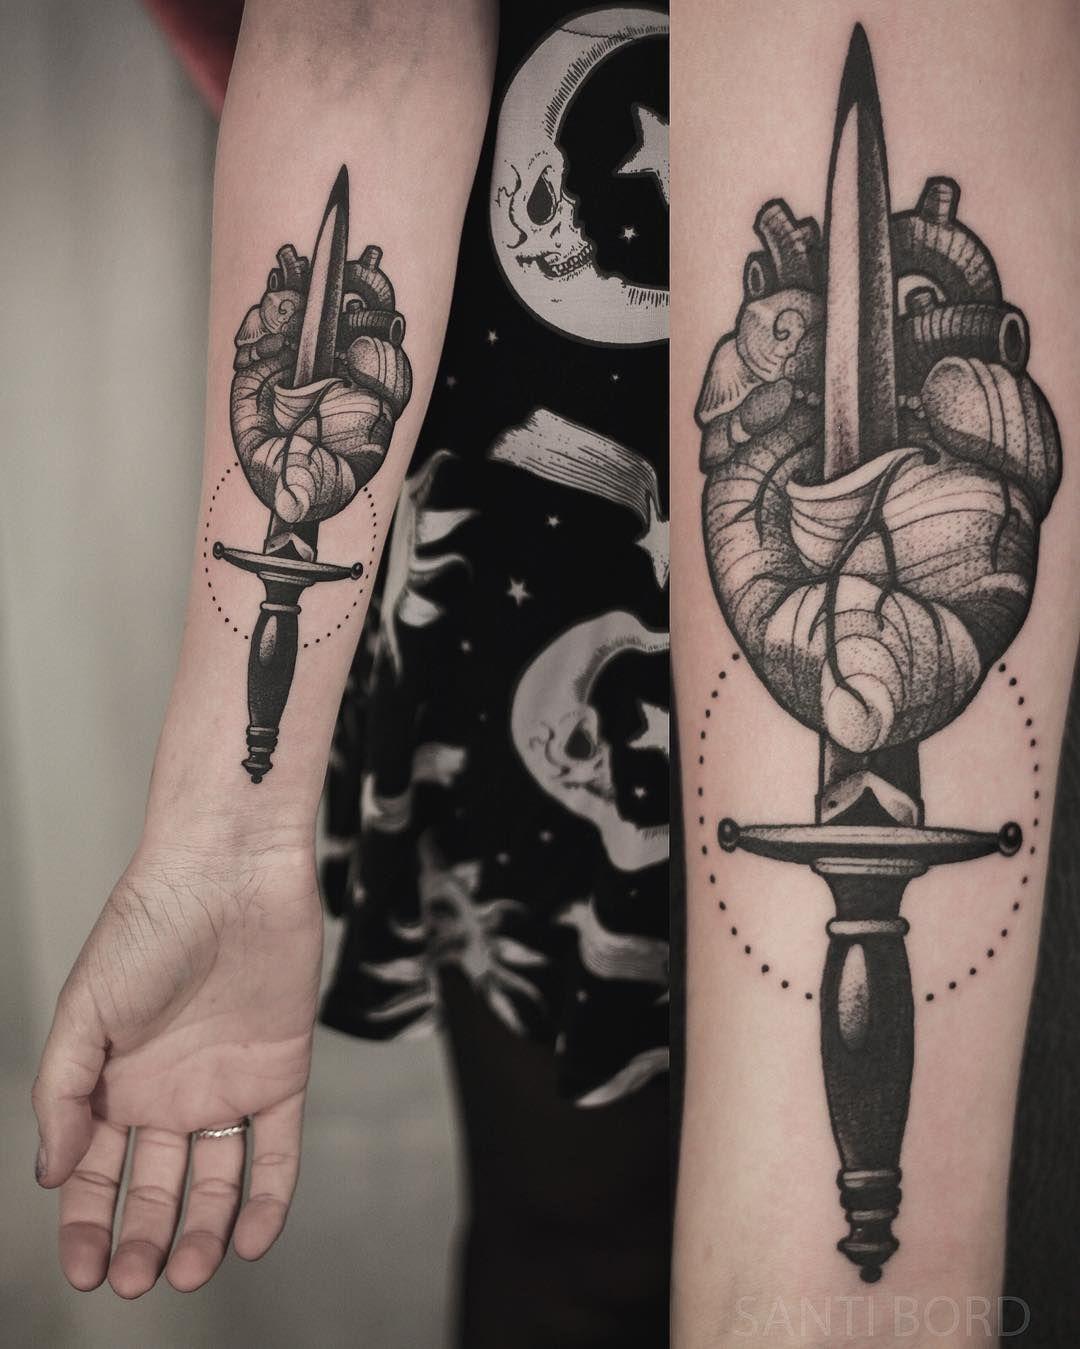 Santi Bord Tatuaje circular